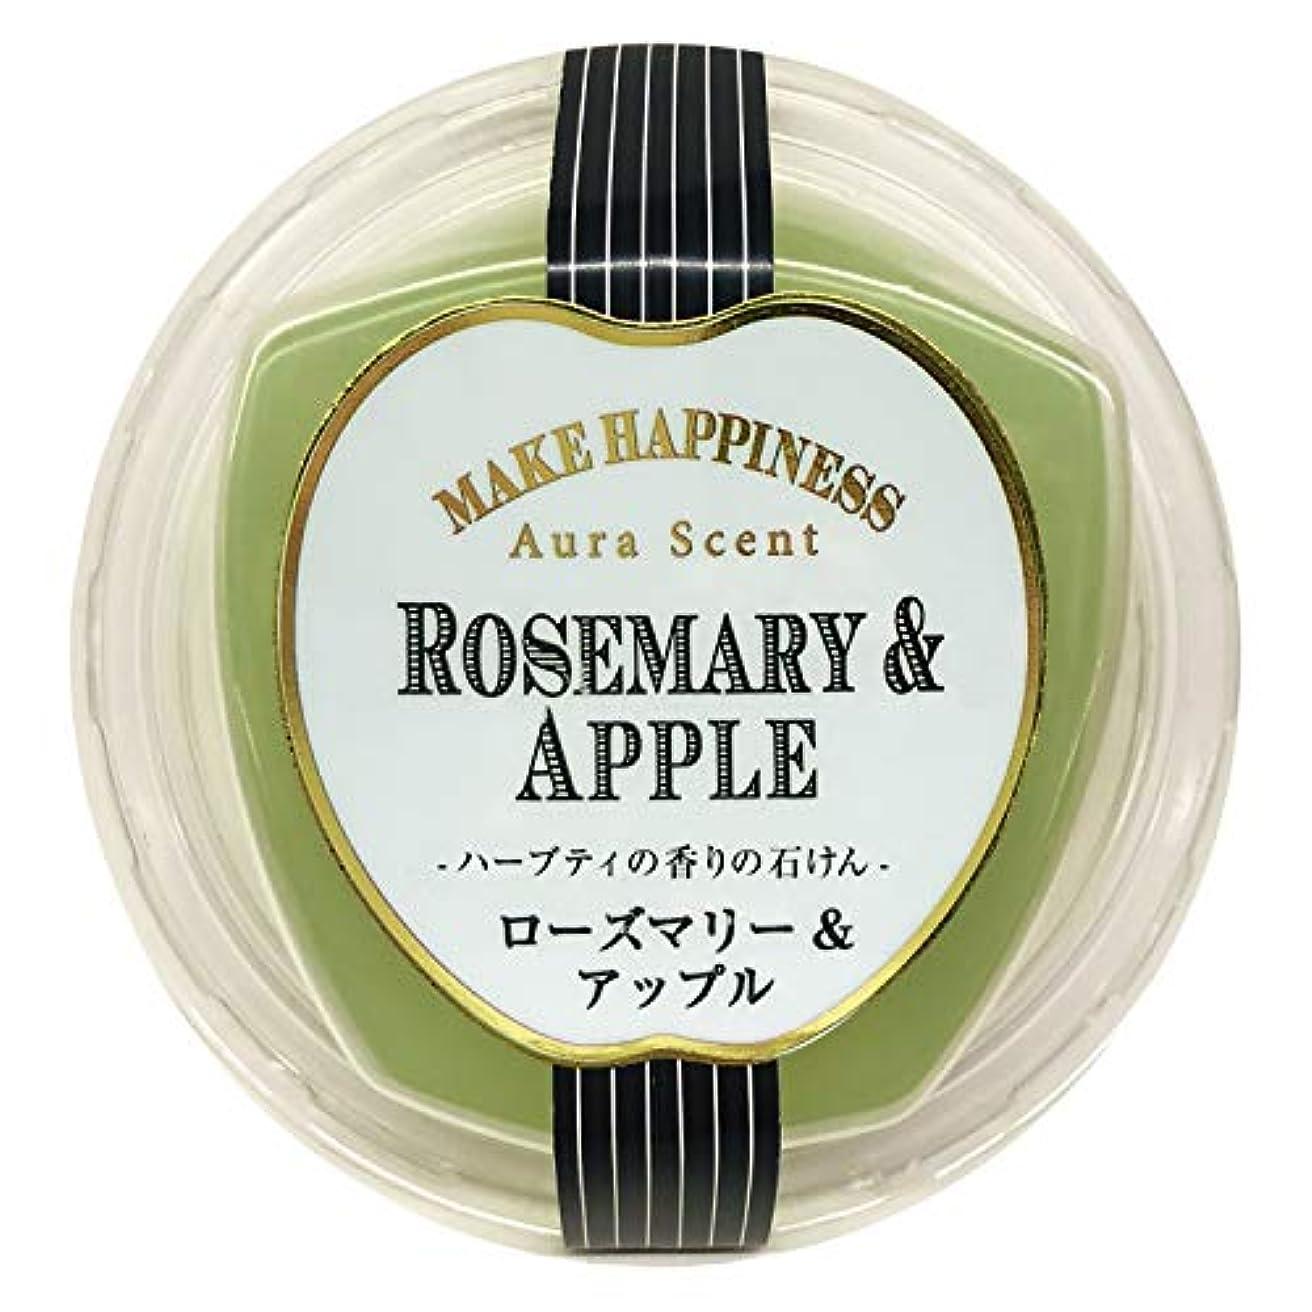 幸運なことに起きろ恐れペリカン石鹸 オーラセント クリアソープローズマリー&アップル 75g